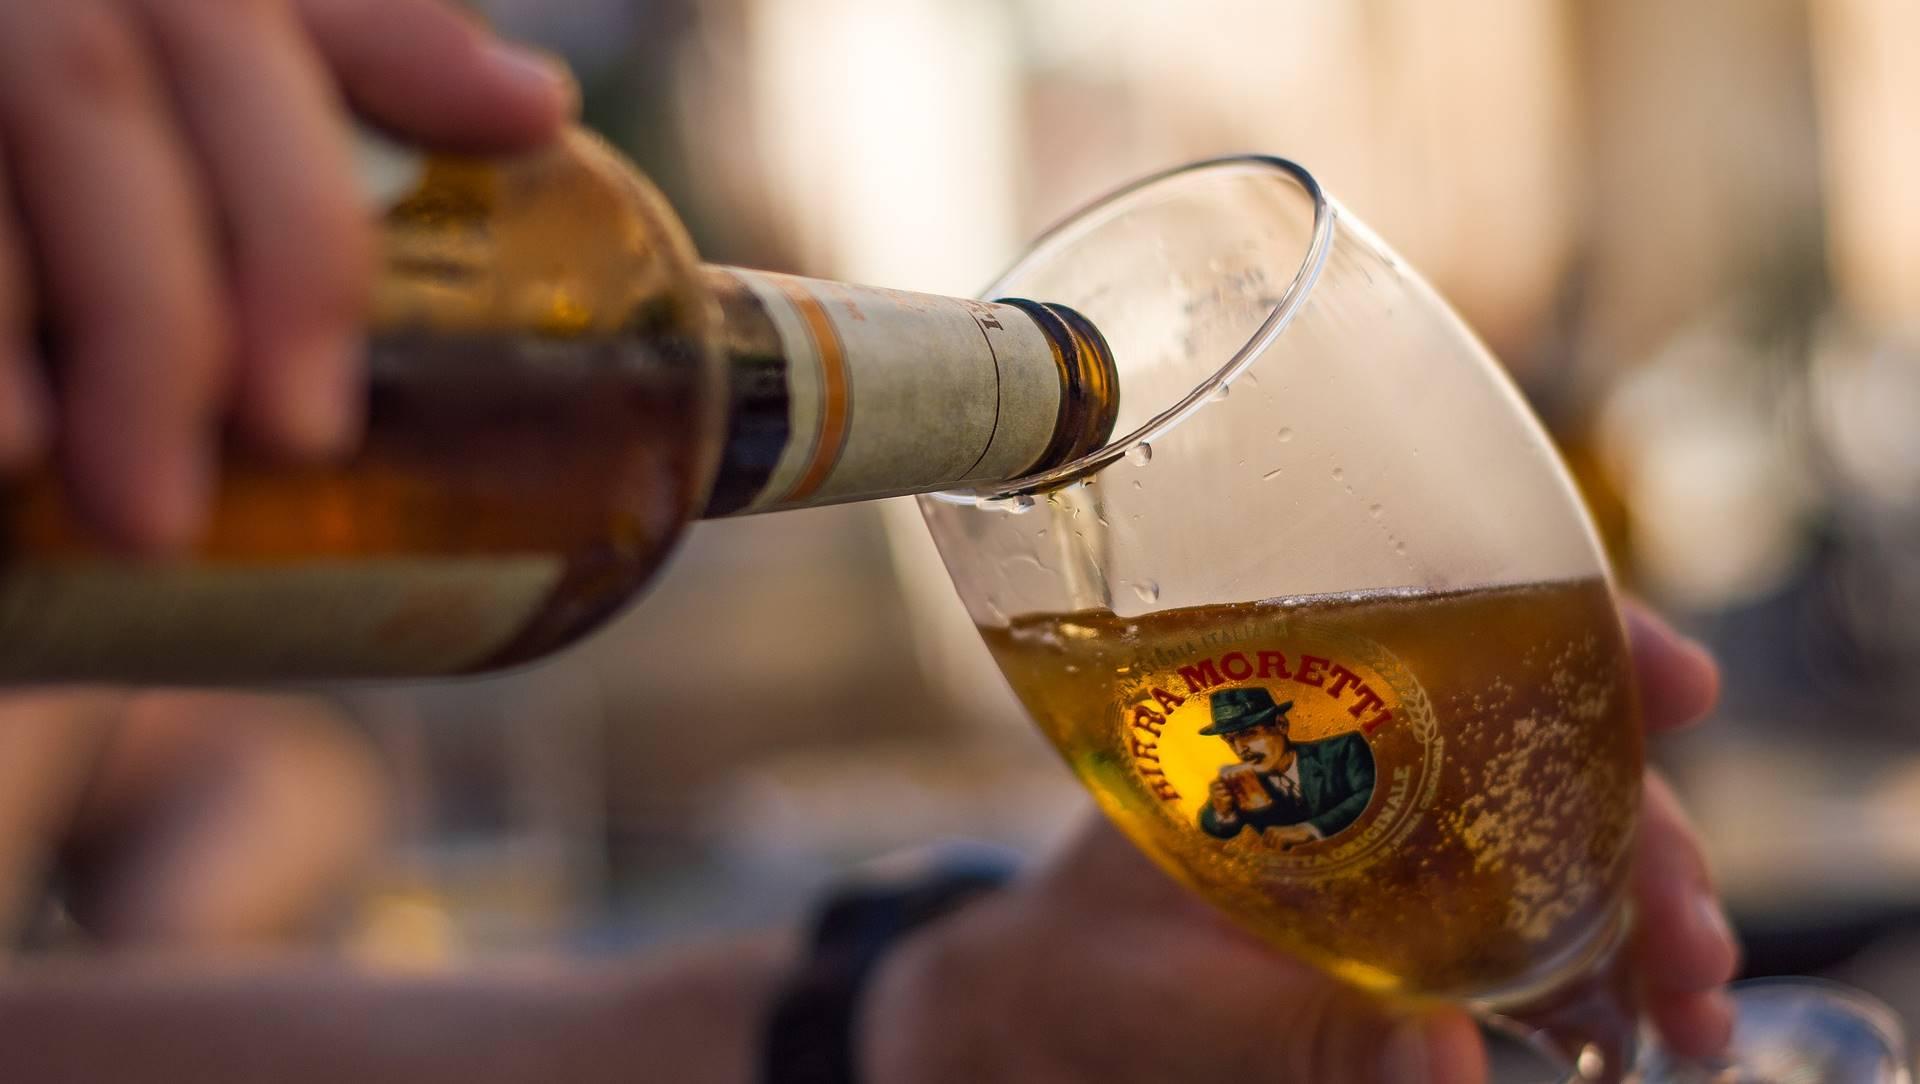 Coronacrisis zorgt voor lagere bierverkoop